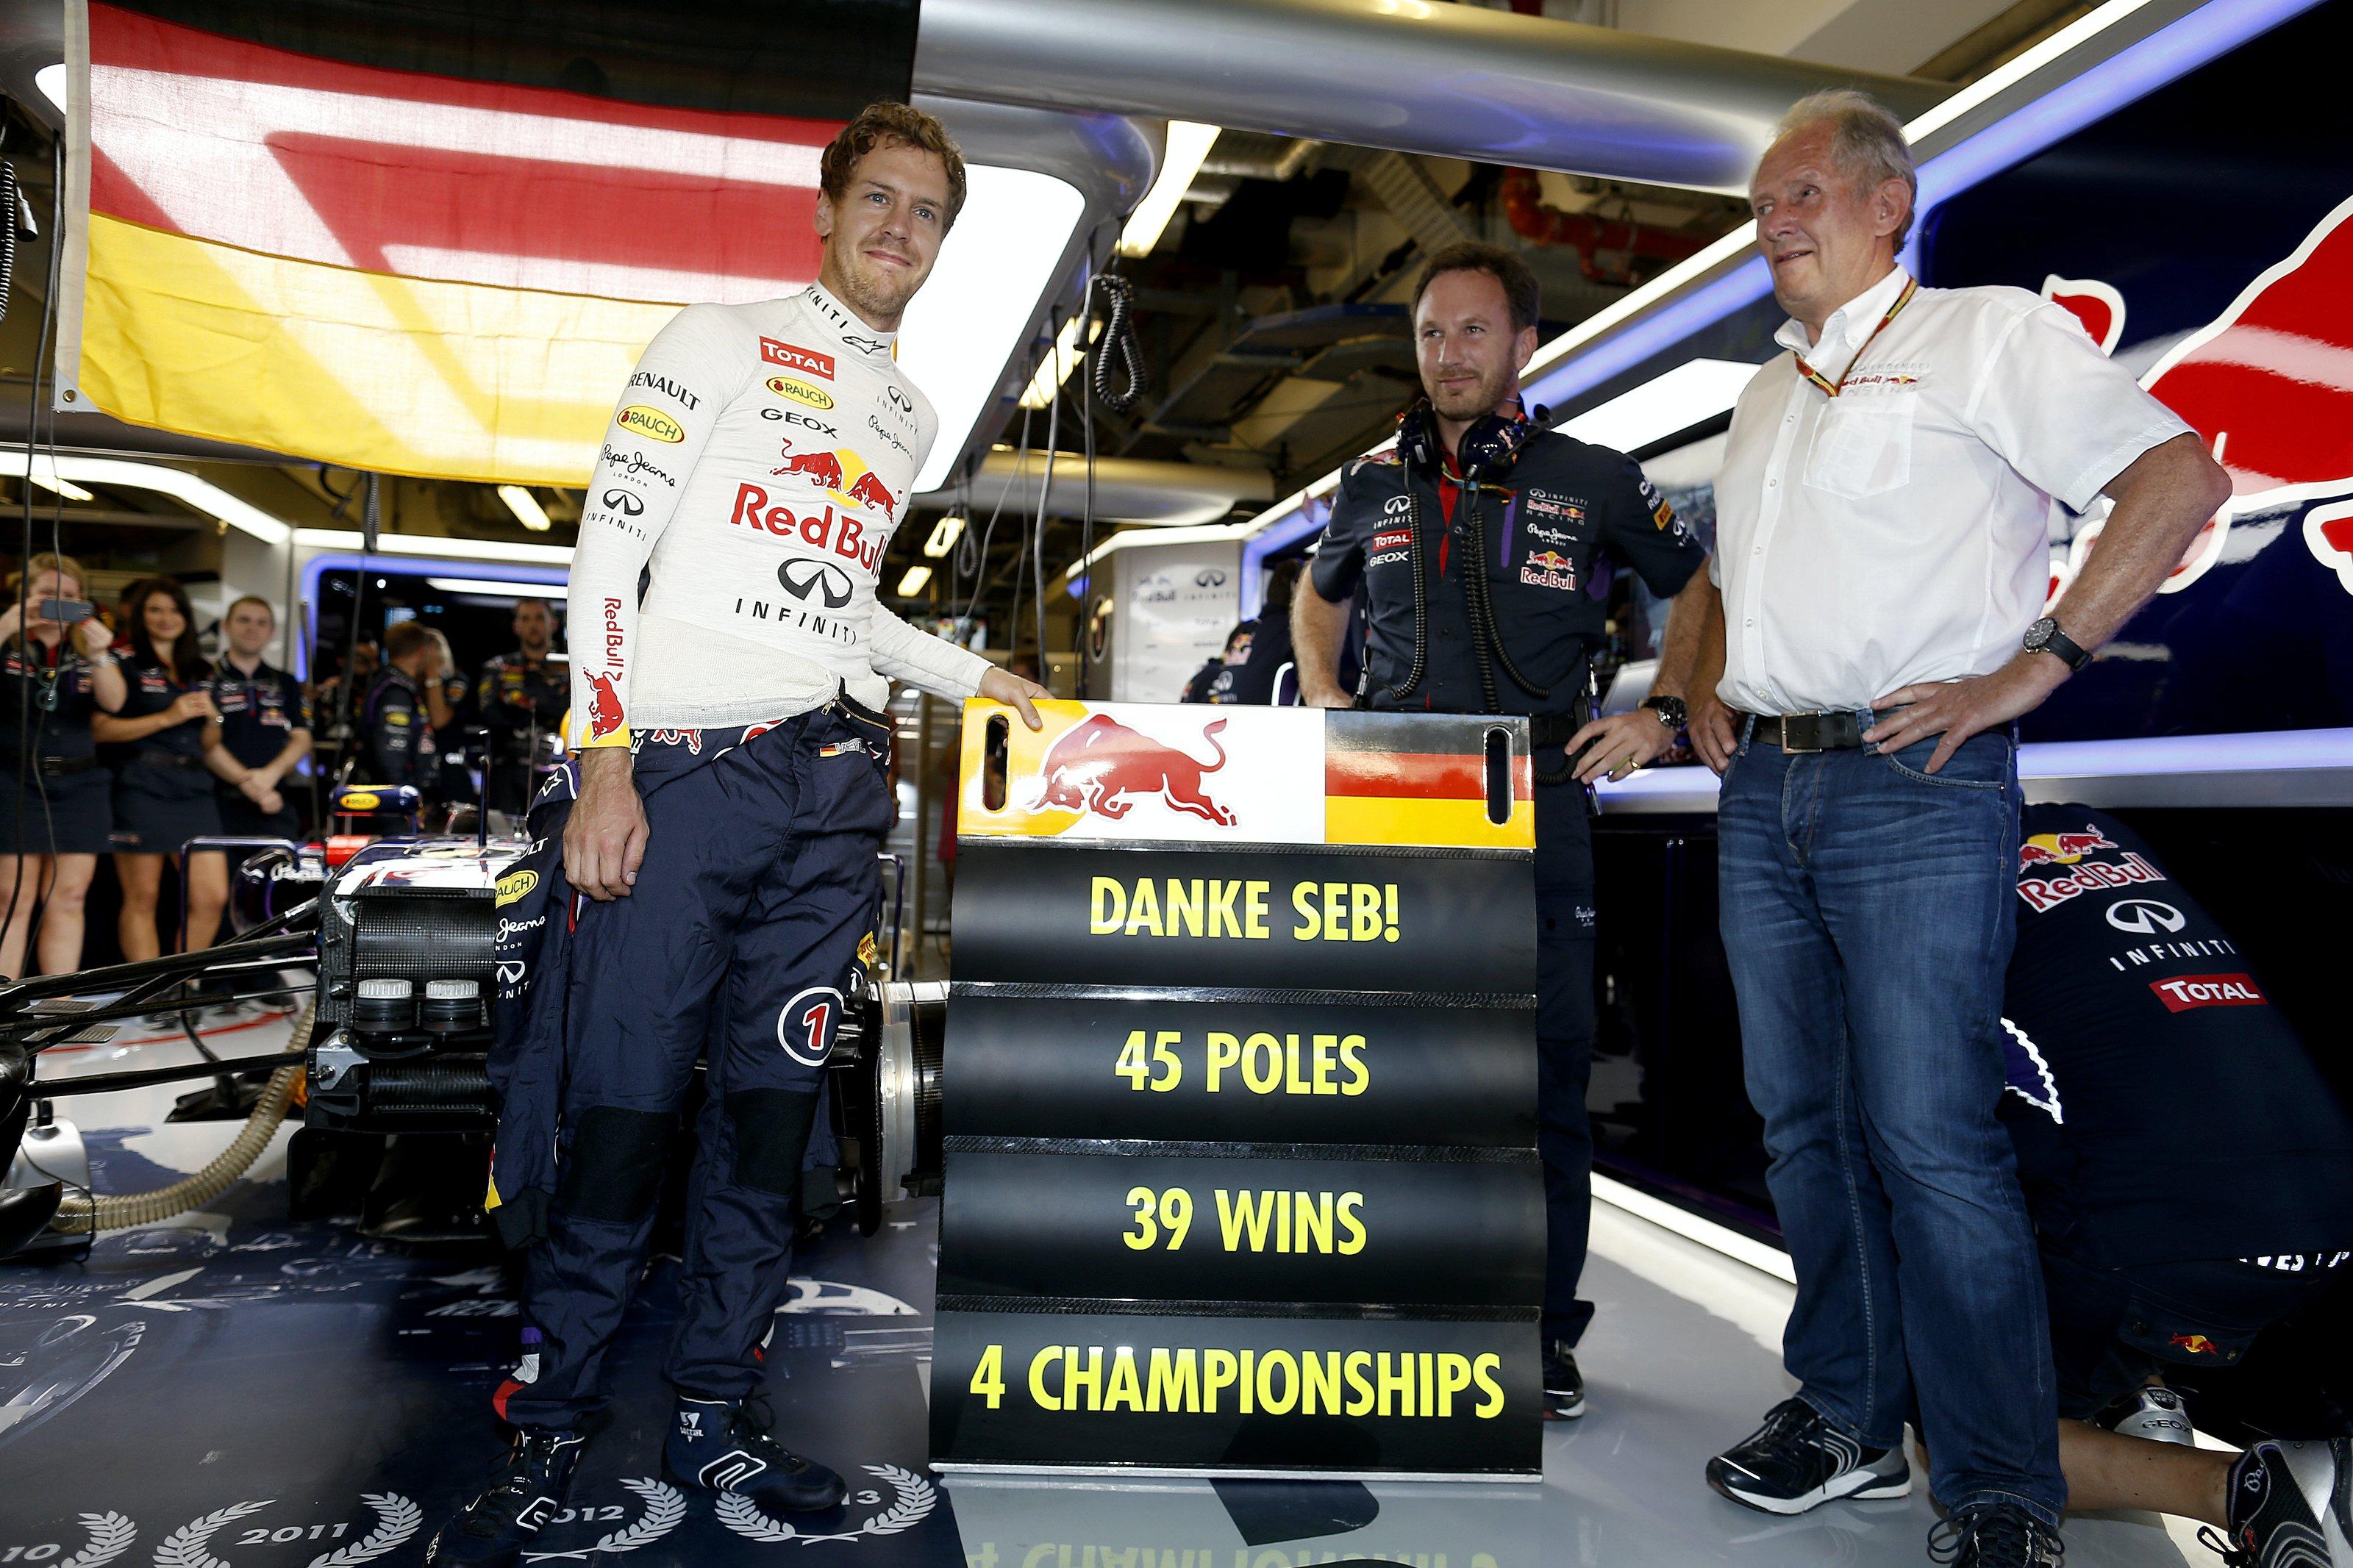 F1 Formula 1 Red Bull Sebastian Vettel contract Verstappen